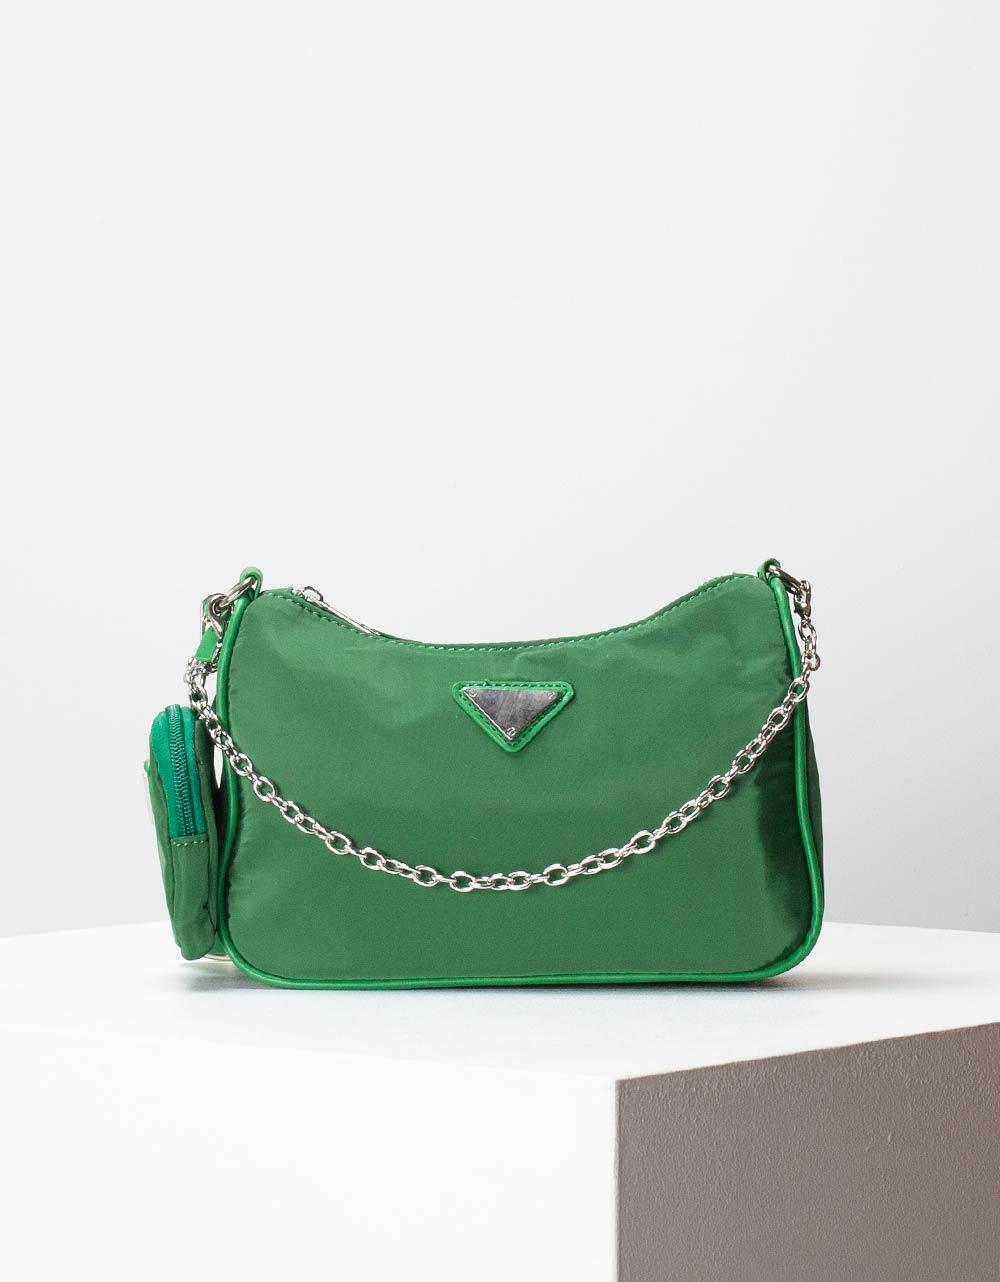 Εικόνα από Γυναικεία τσάντα ώμου & χιαστί με εξωτερικό τσεπάκι Πράσινο